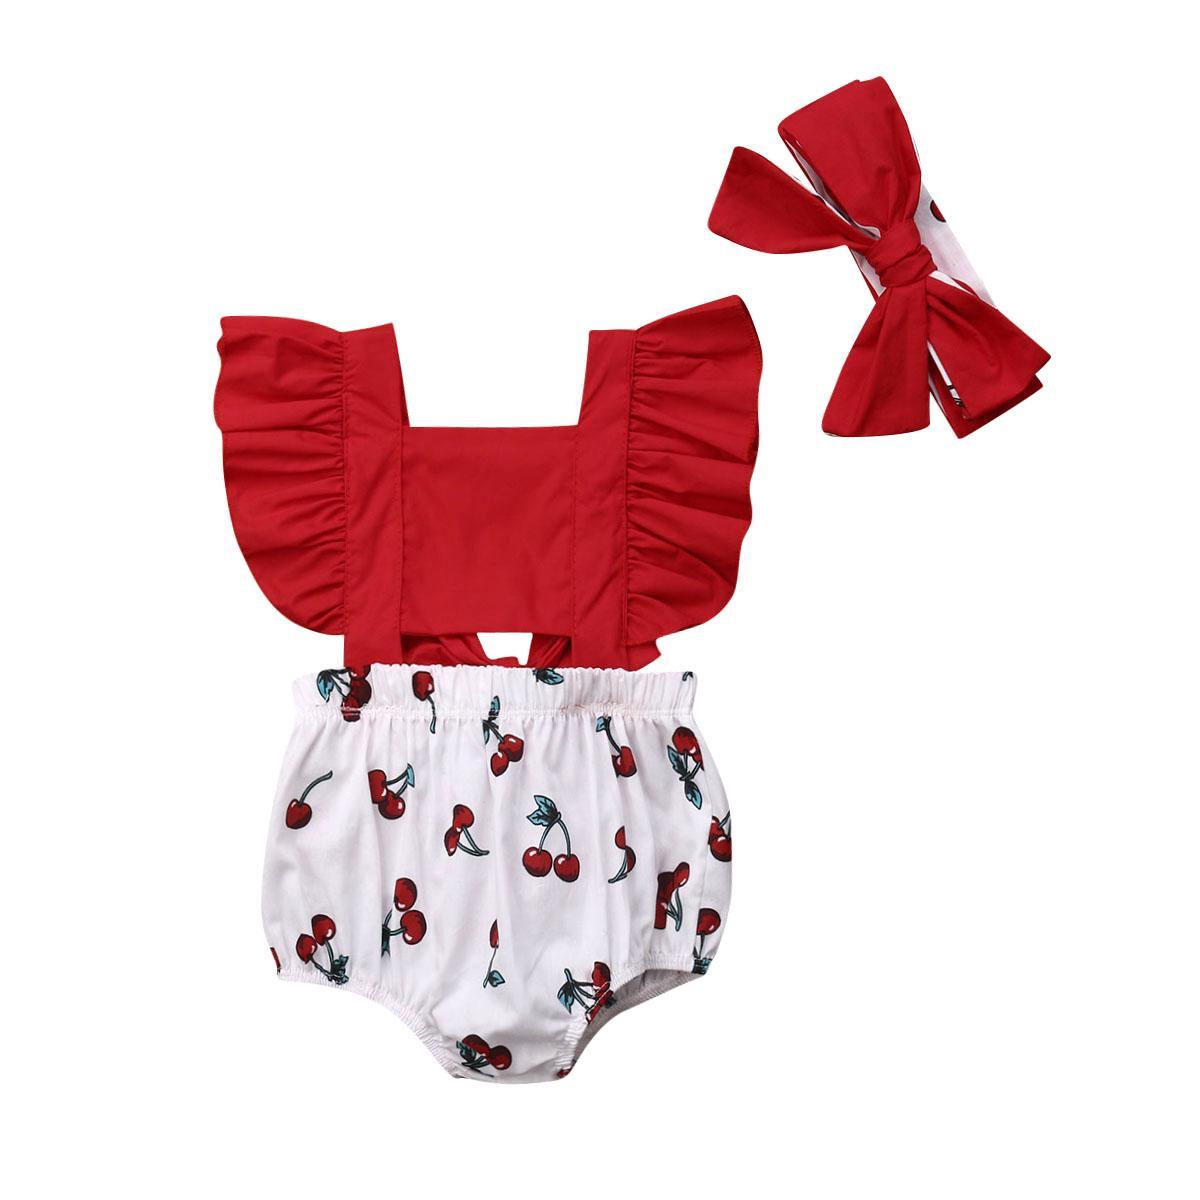 Pudcoco 0-18M 2adet Bebek Yenidoğan Bebek Kız Bebek fırfır Kiraz Kolsuz Bodysuit Güneş Kıyafet Yaz Giyim